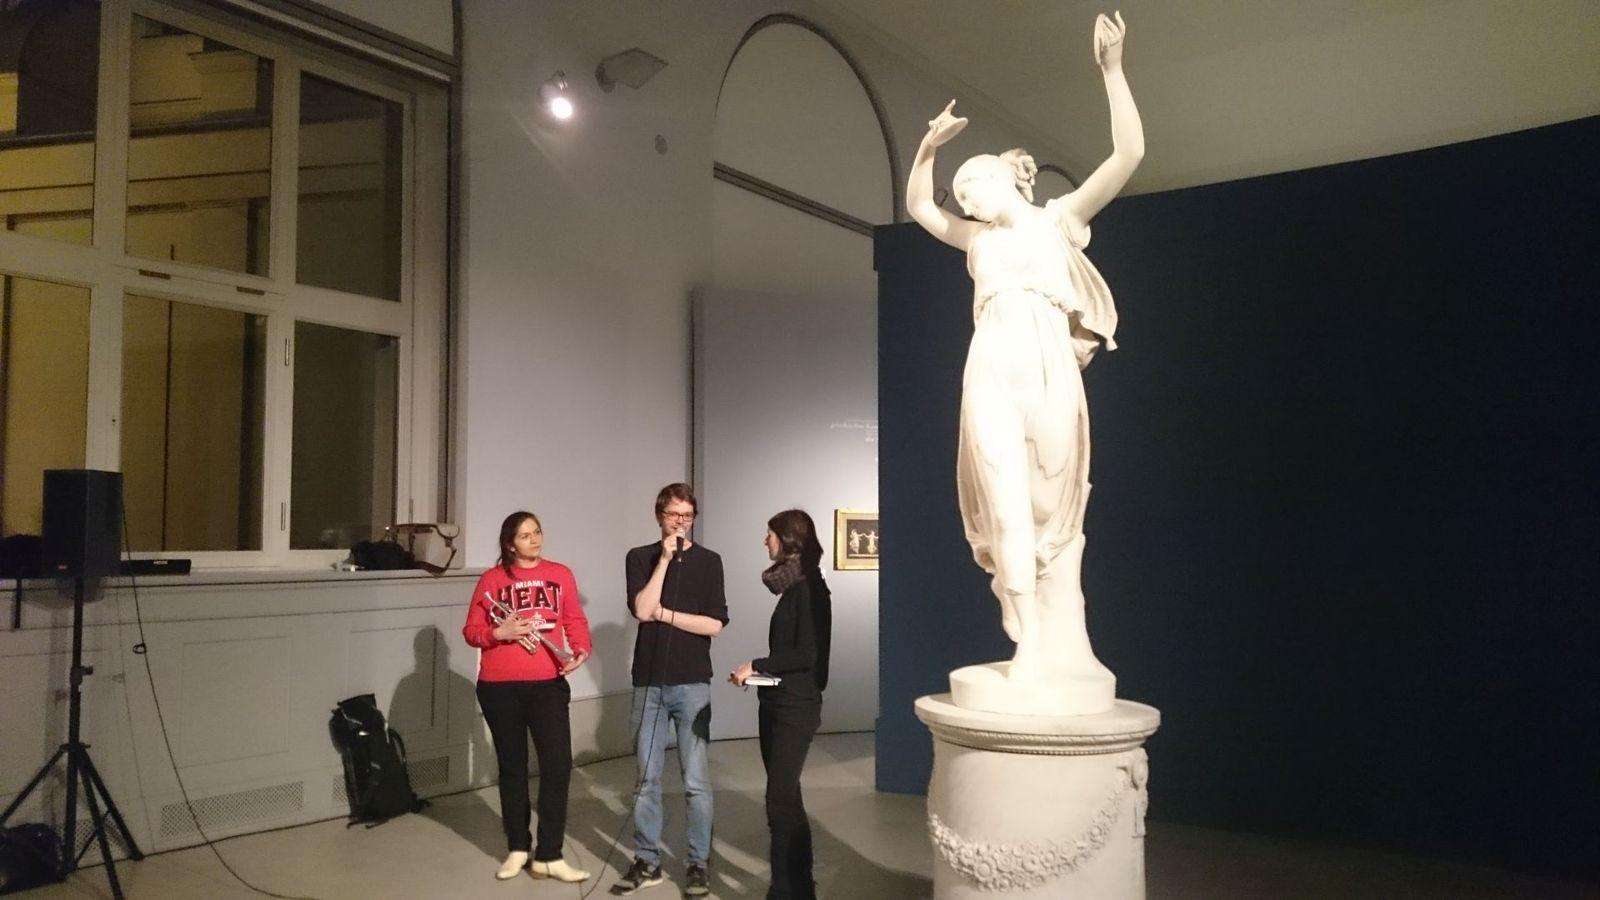 Michael Hoppe während des Vertonungsevents im Bode-Museum. Foto: Staatliche Museen zu Berlin, Anna Mosig